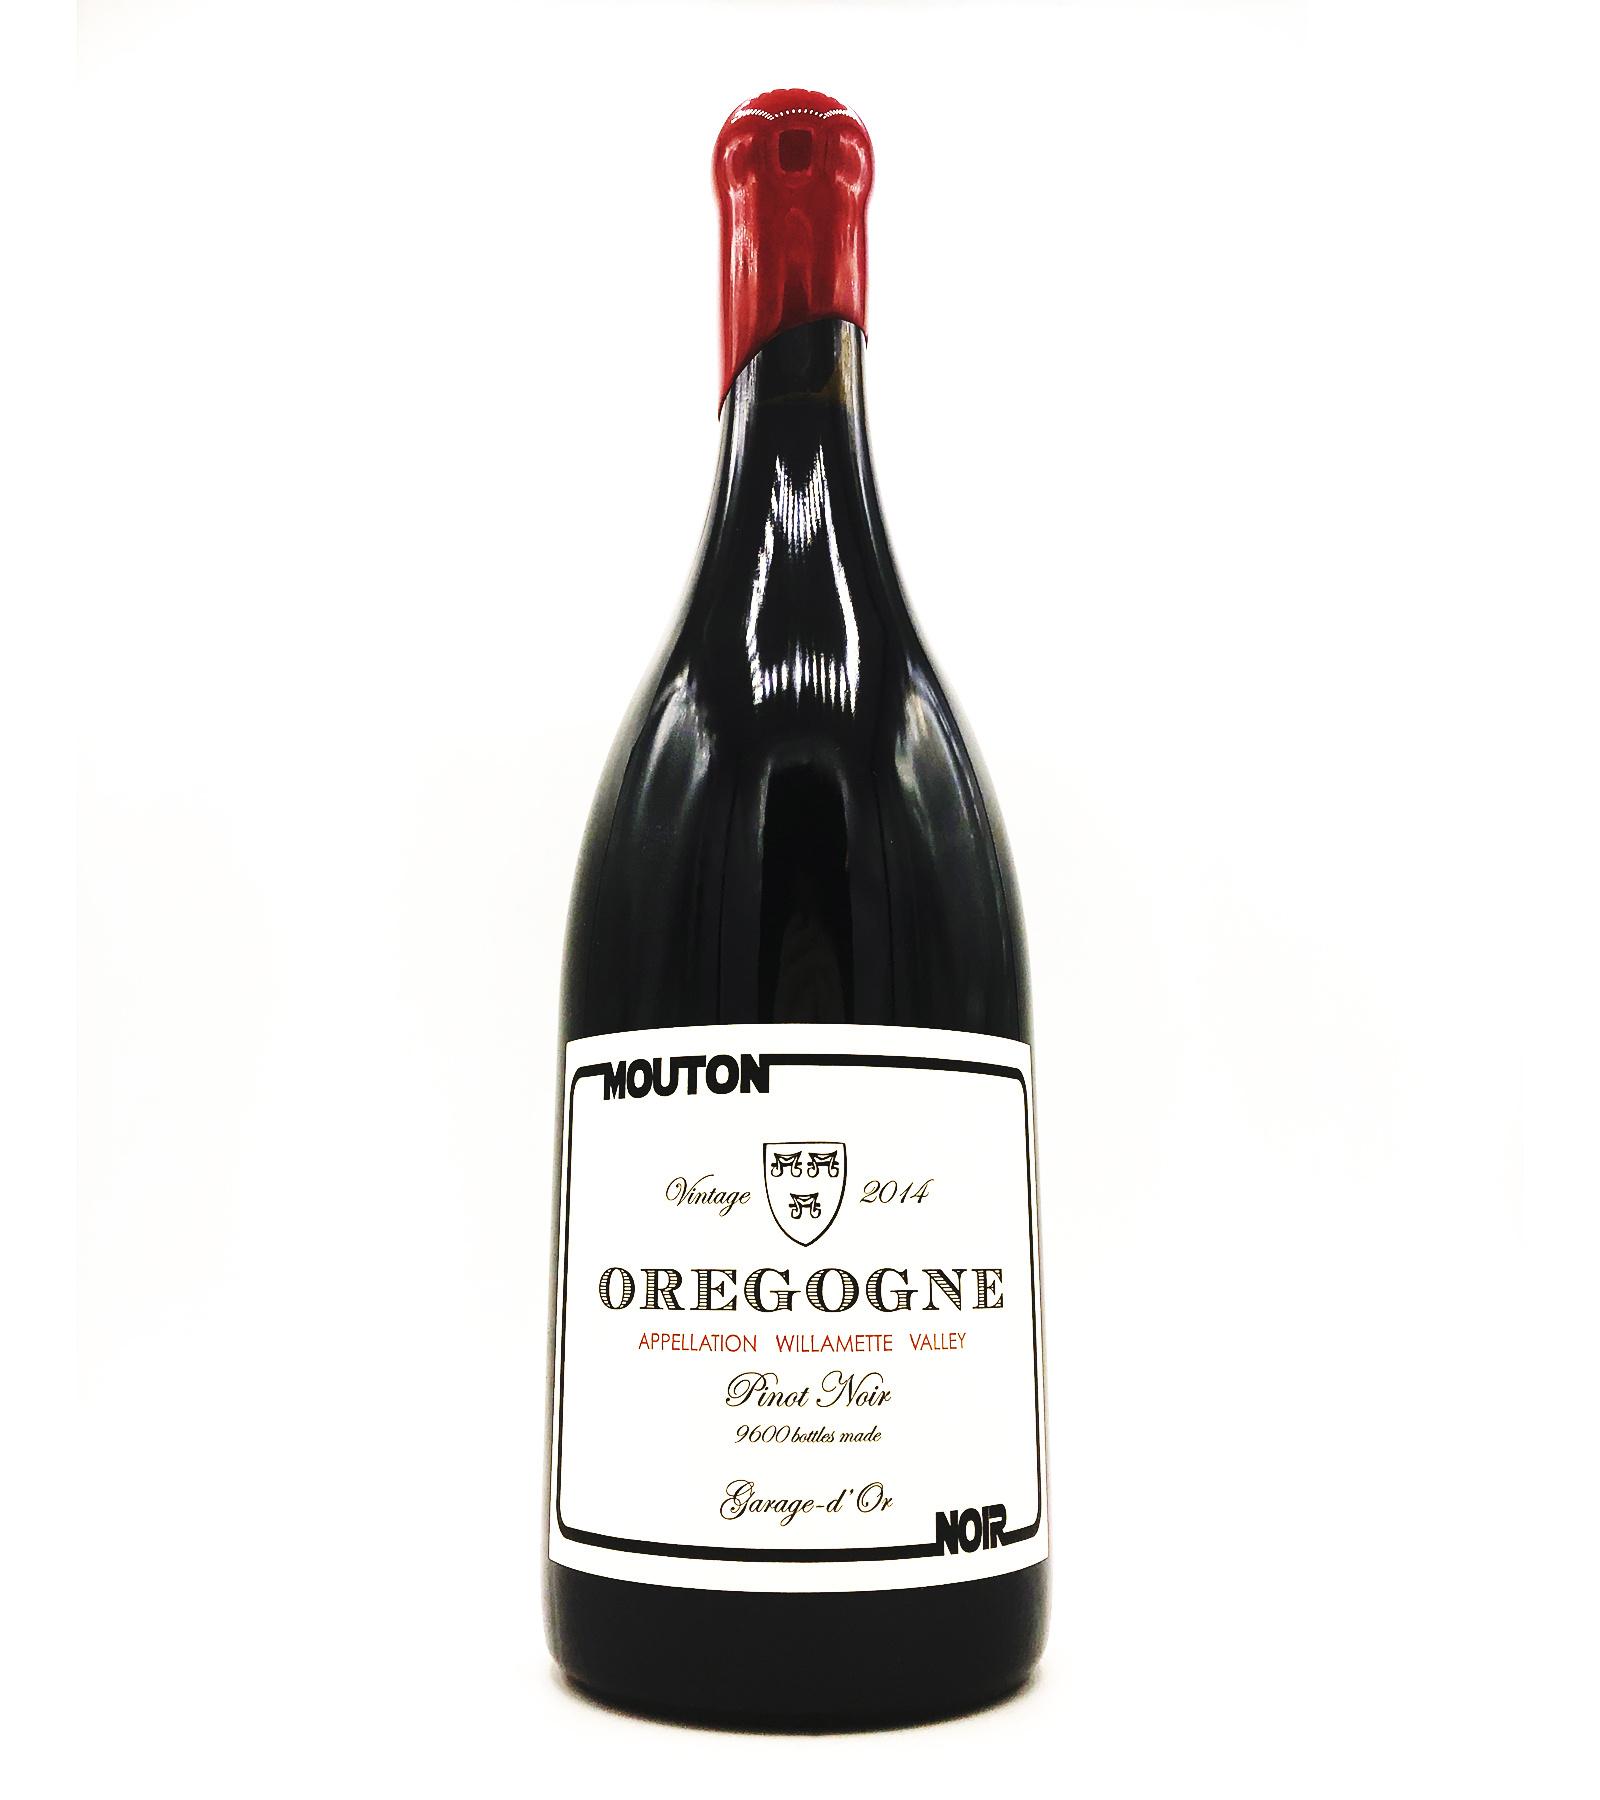 """Pinot Noir """"Oregogne"""" 2014 Mouton Noir"""